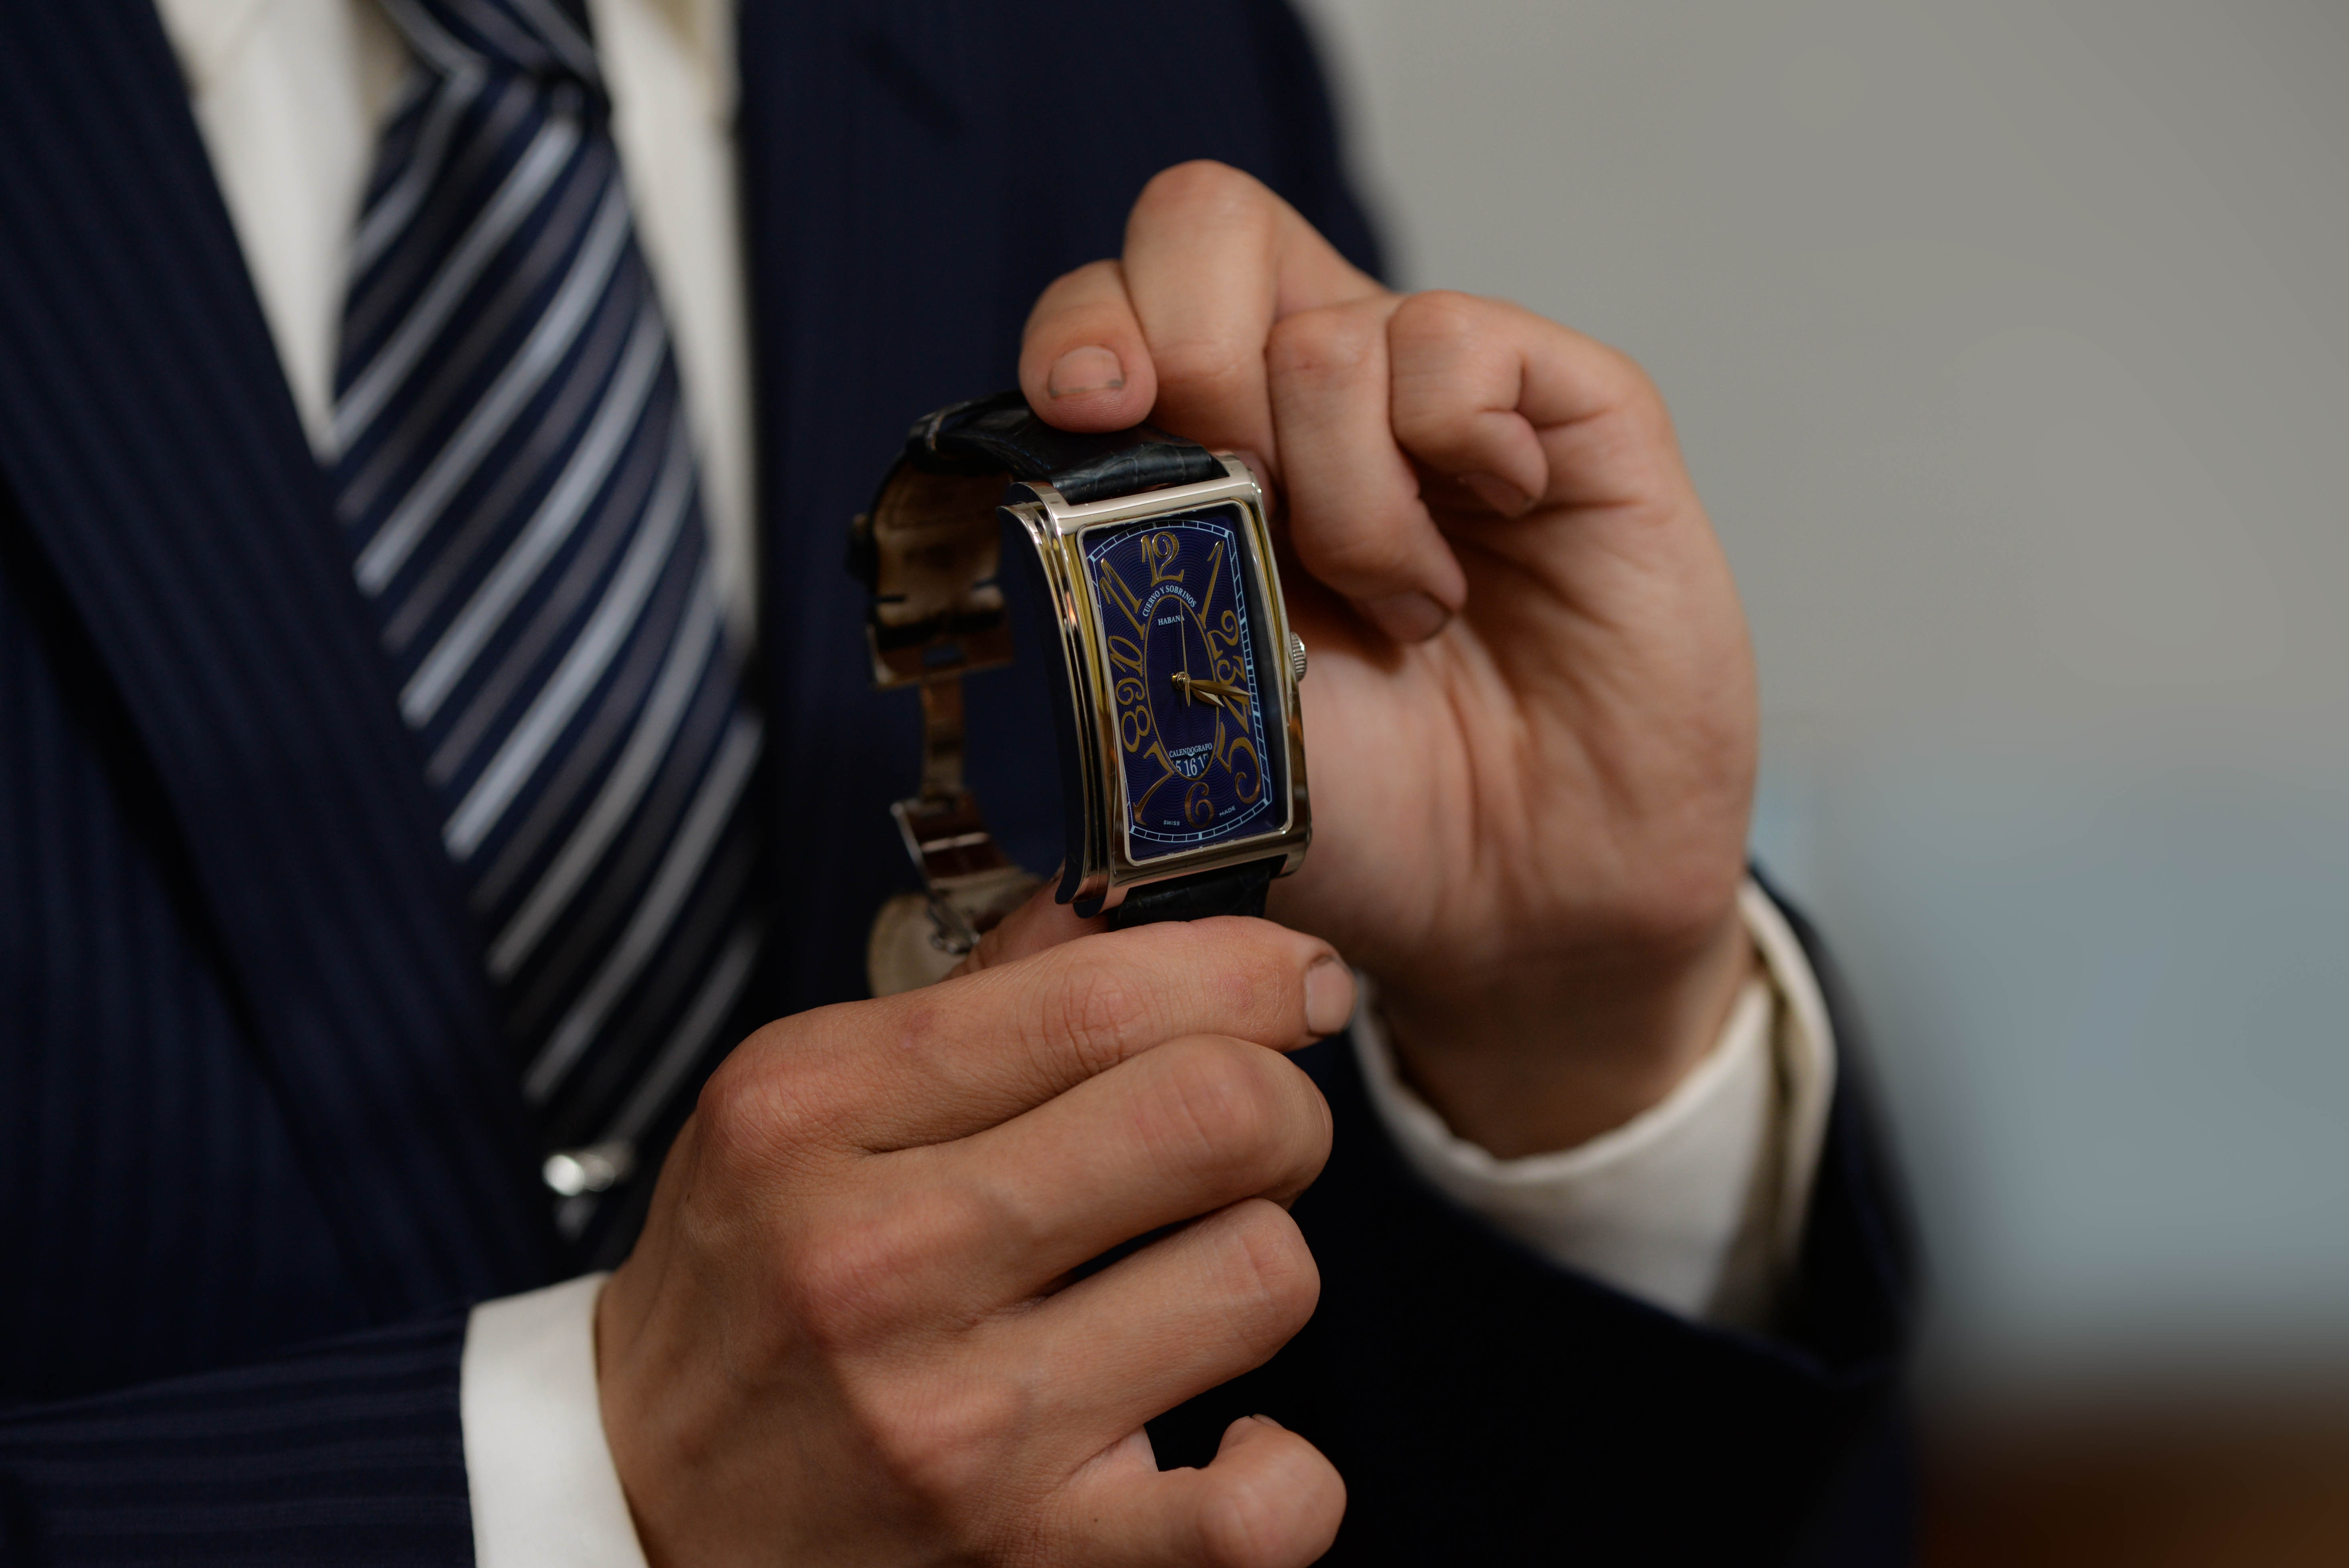 クエルボ・イ・ソブリノス プロミネンテ A1012 NUMをを手に持つS.Hさん